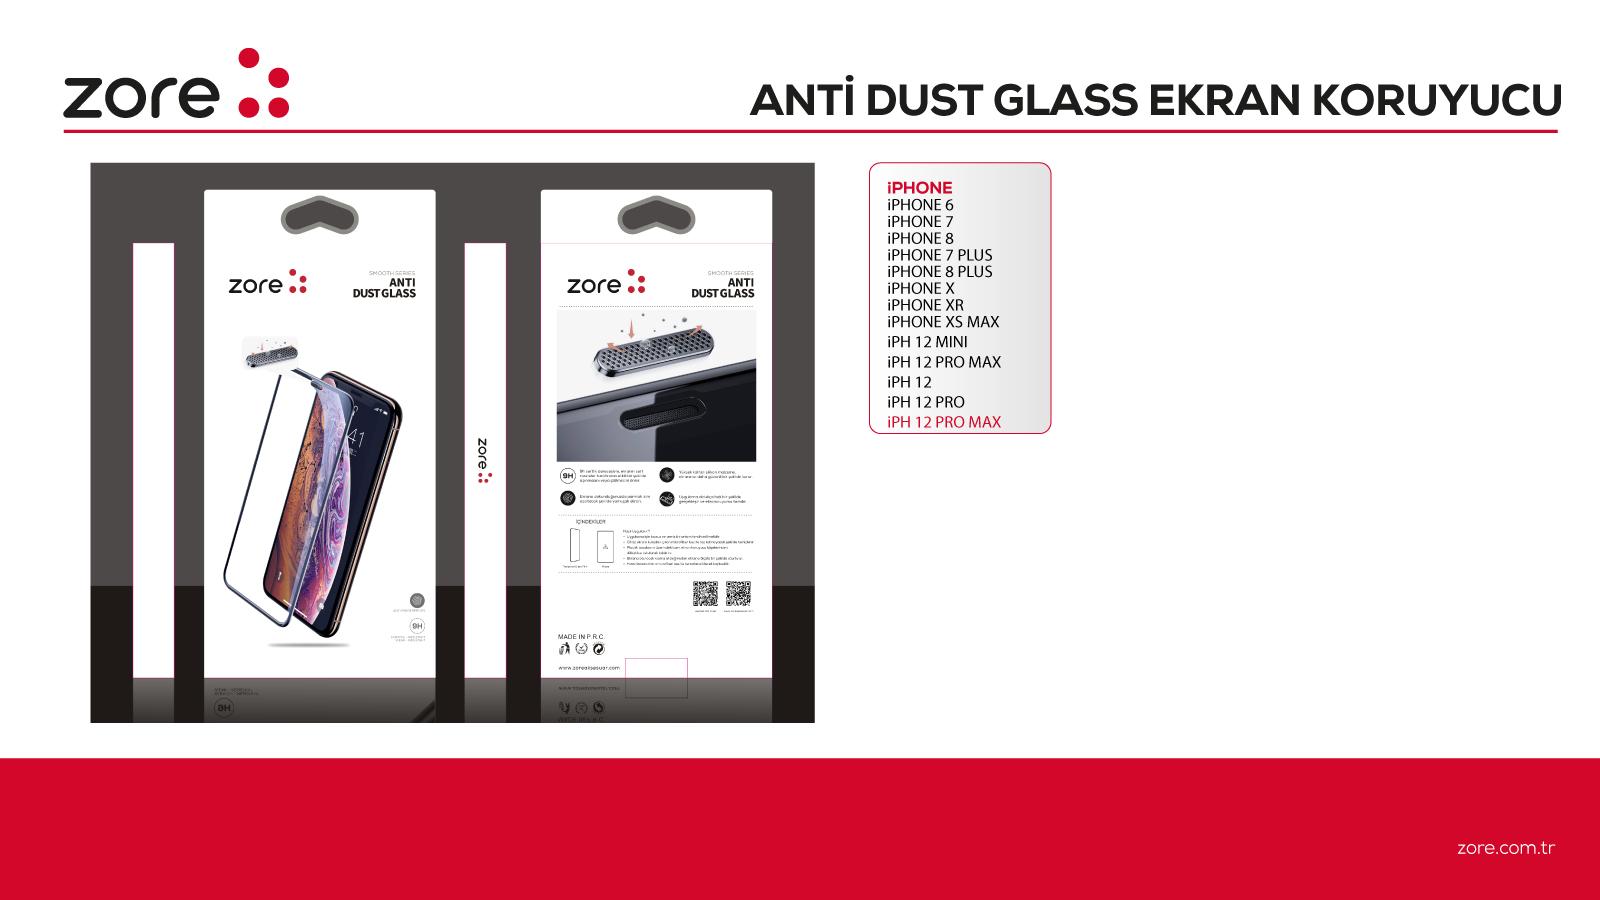 anti-dust ekran koruyucu.jpg (241 KB)